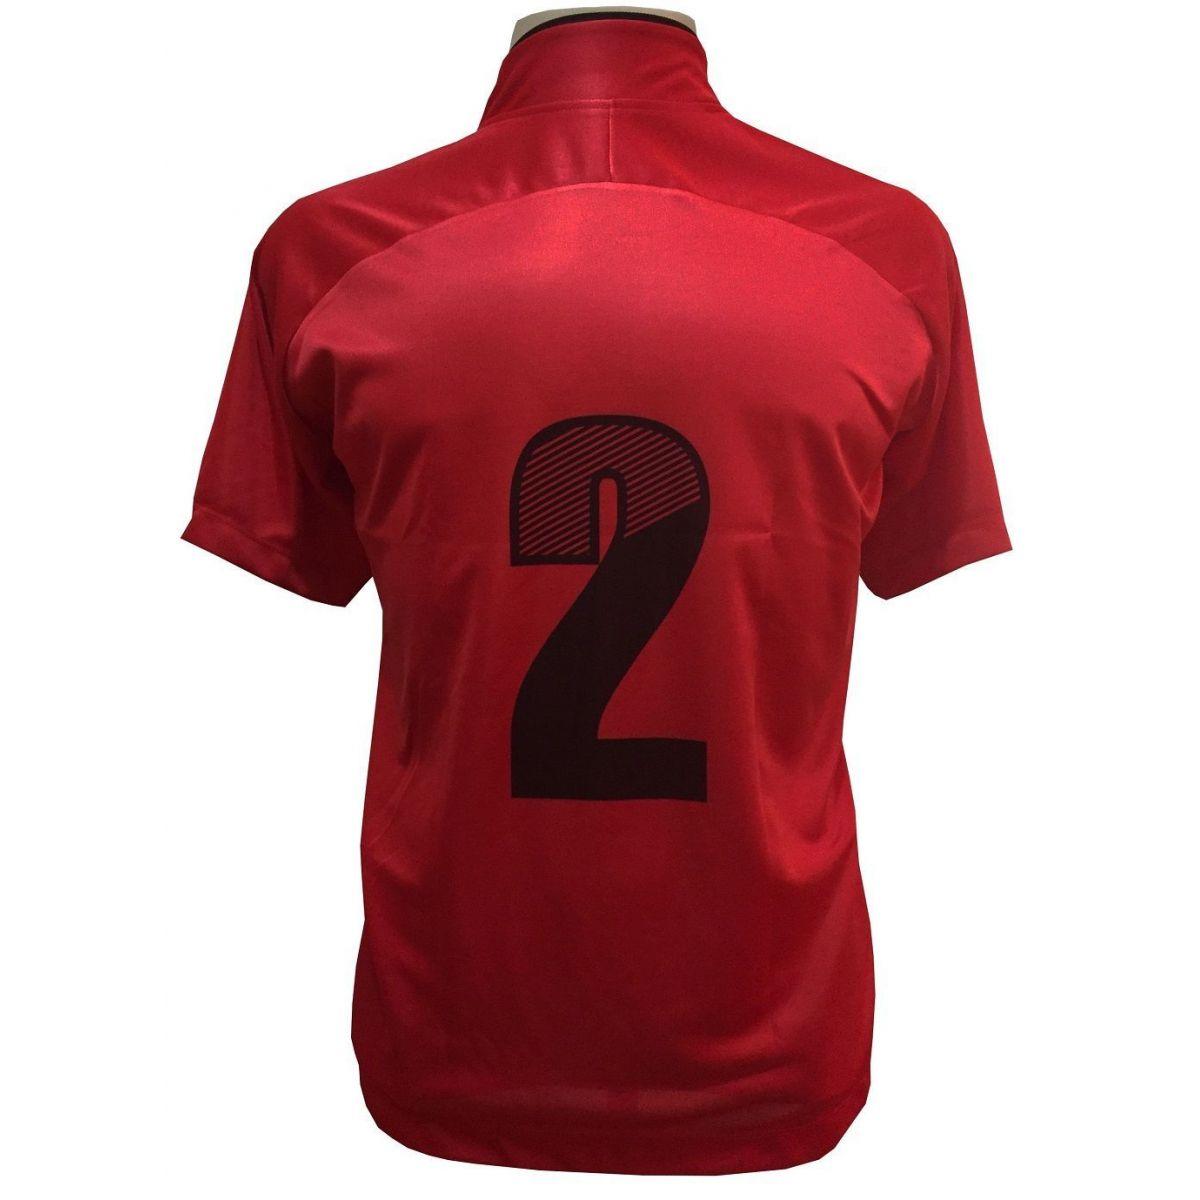 Uniforme Esportivo com 12 camisas modelo City Vermelho/Preto + 12 calções modelo Madrid Preto + Brindes